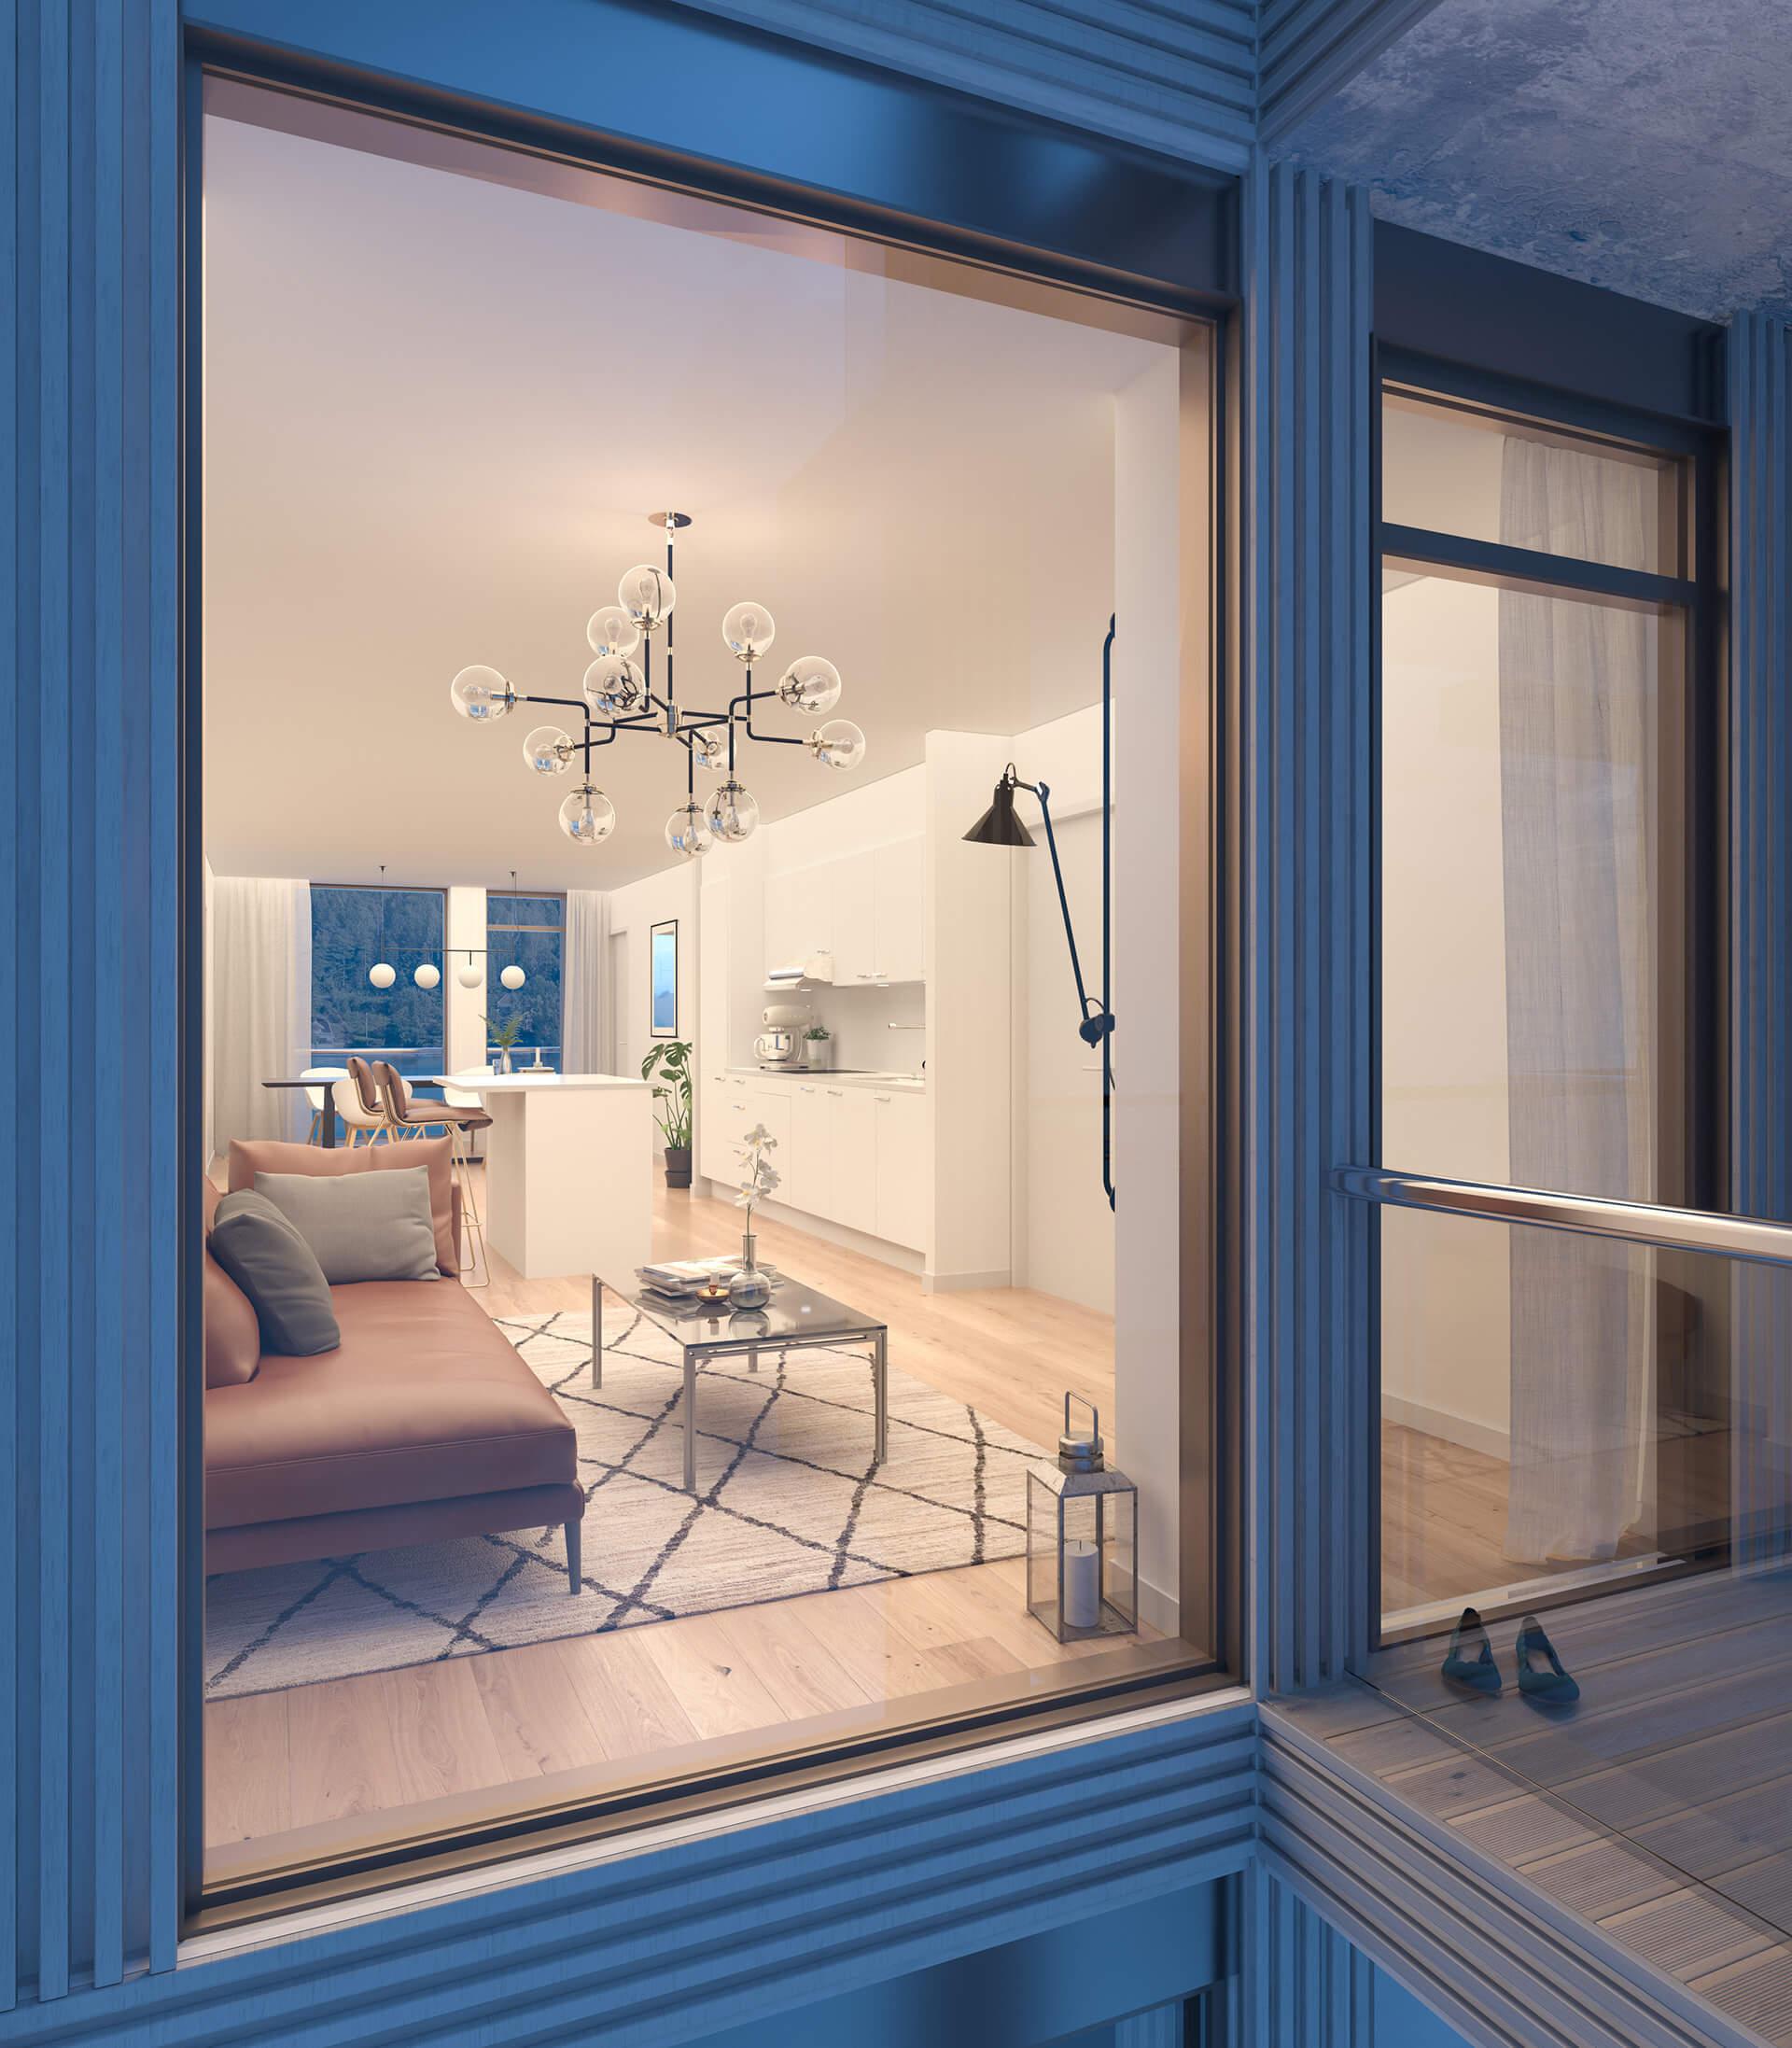 Store vindusflater fra gulv til tak gir lyse rom i leilighet E 304. (Illustrasjonbilde. Endringer kan forekomme.)